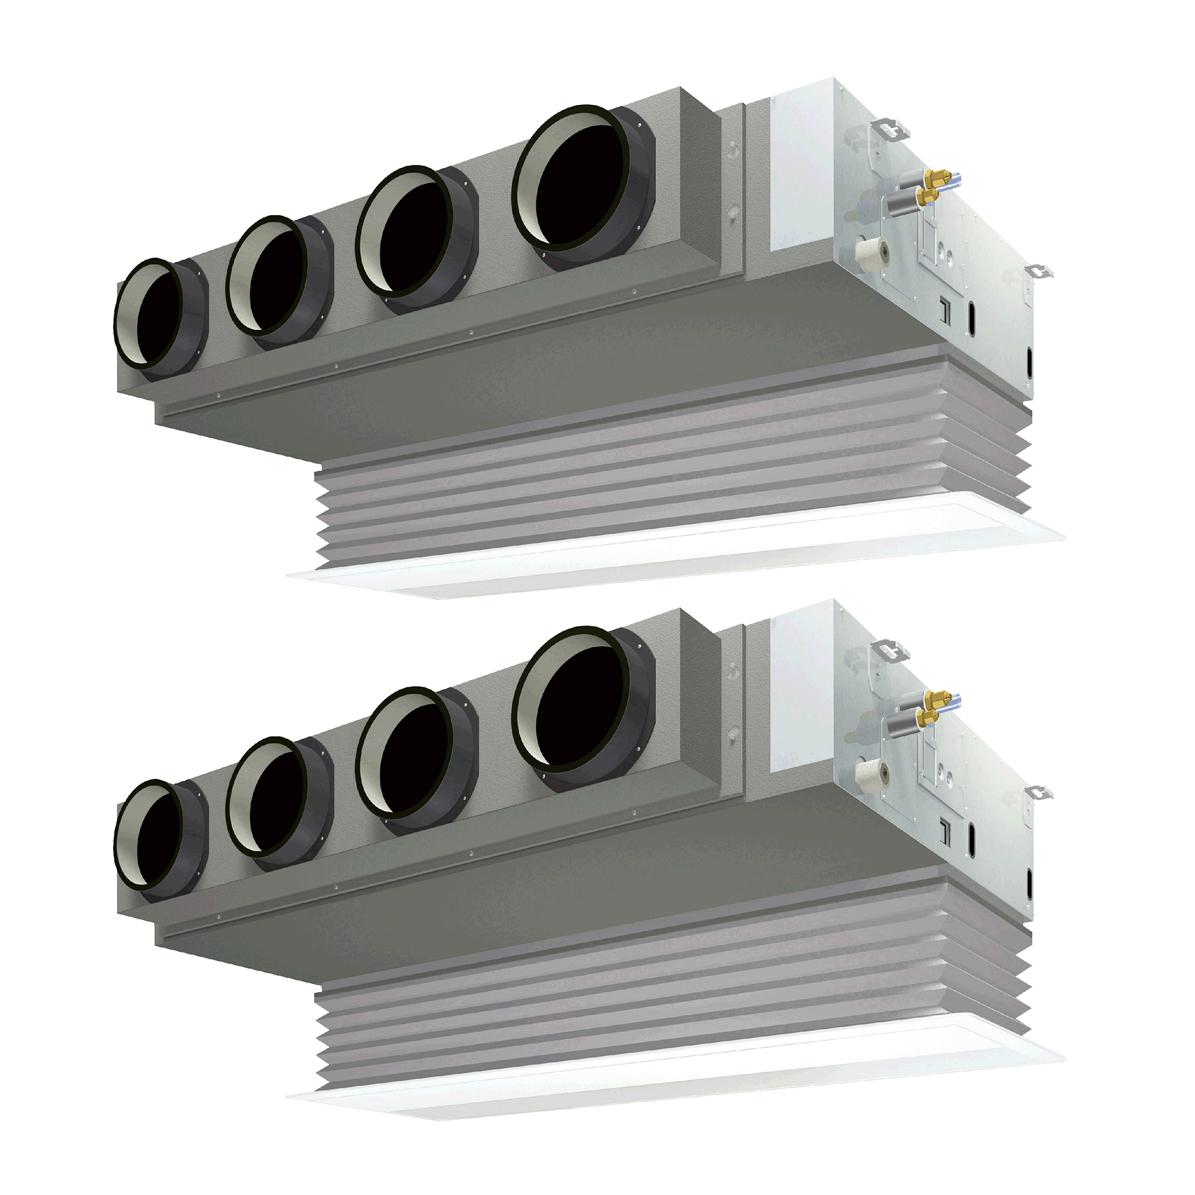 ###ダイキン 業務用エアコン【SZZB224CJD】[分岐管セット]フレッシュホワイト 天井埋込カセット形 ツイン同時 8馬力 ワイヤード 三相200V Eco ZEAS